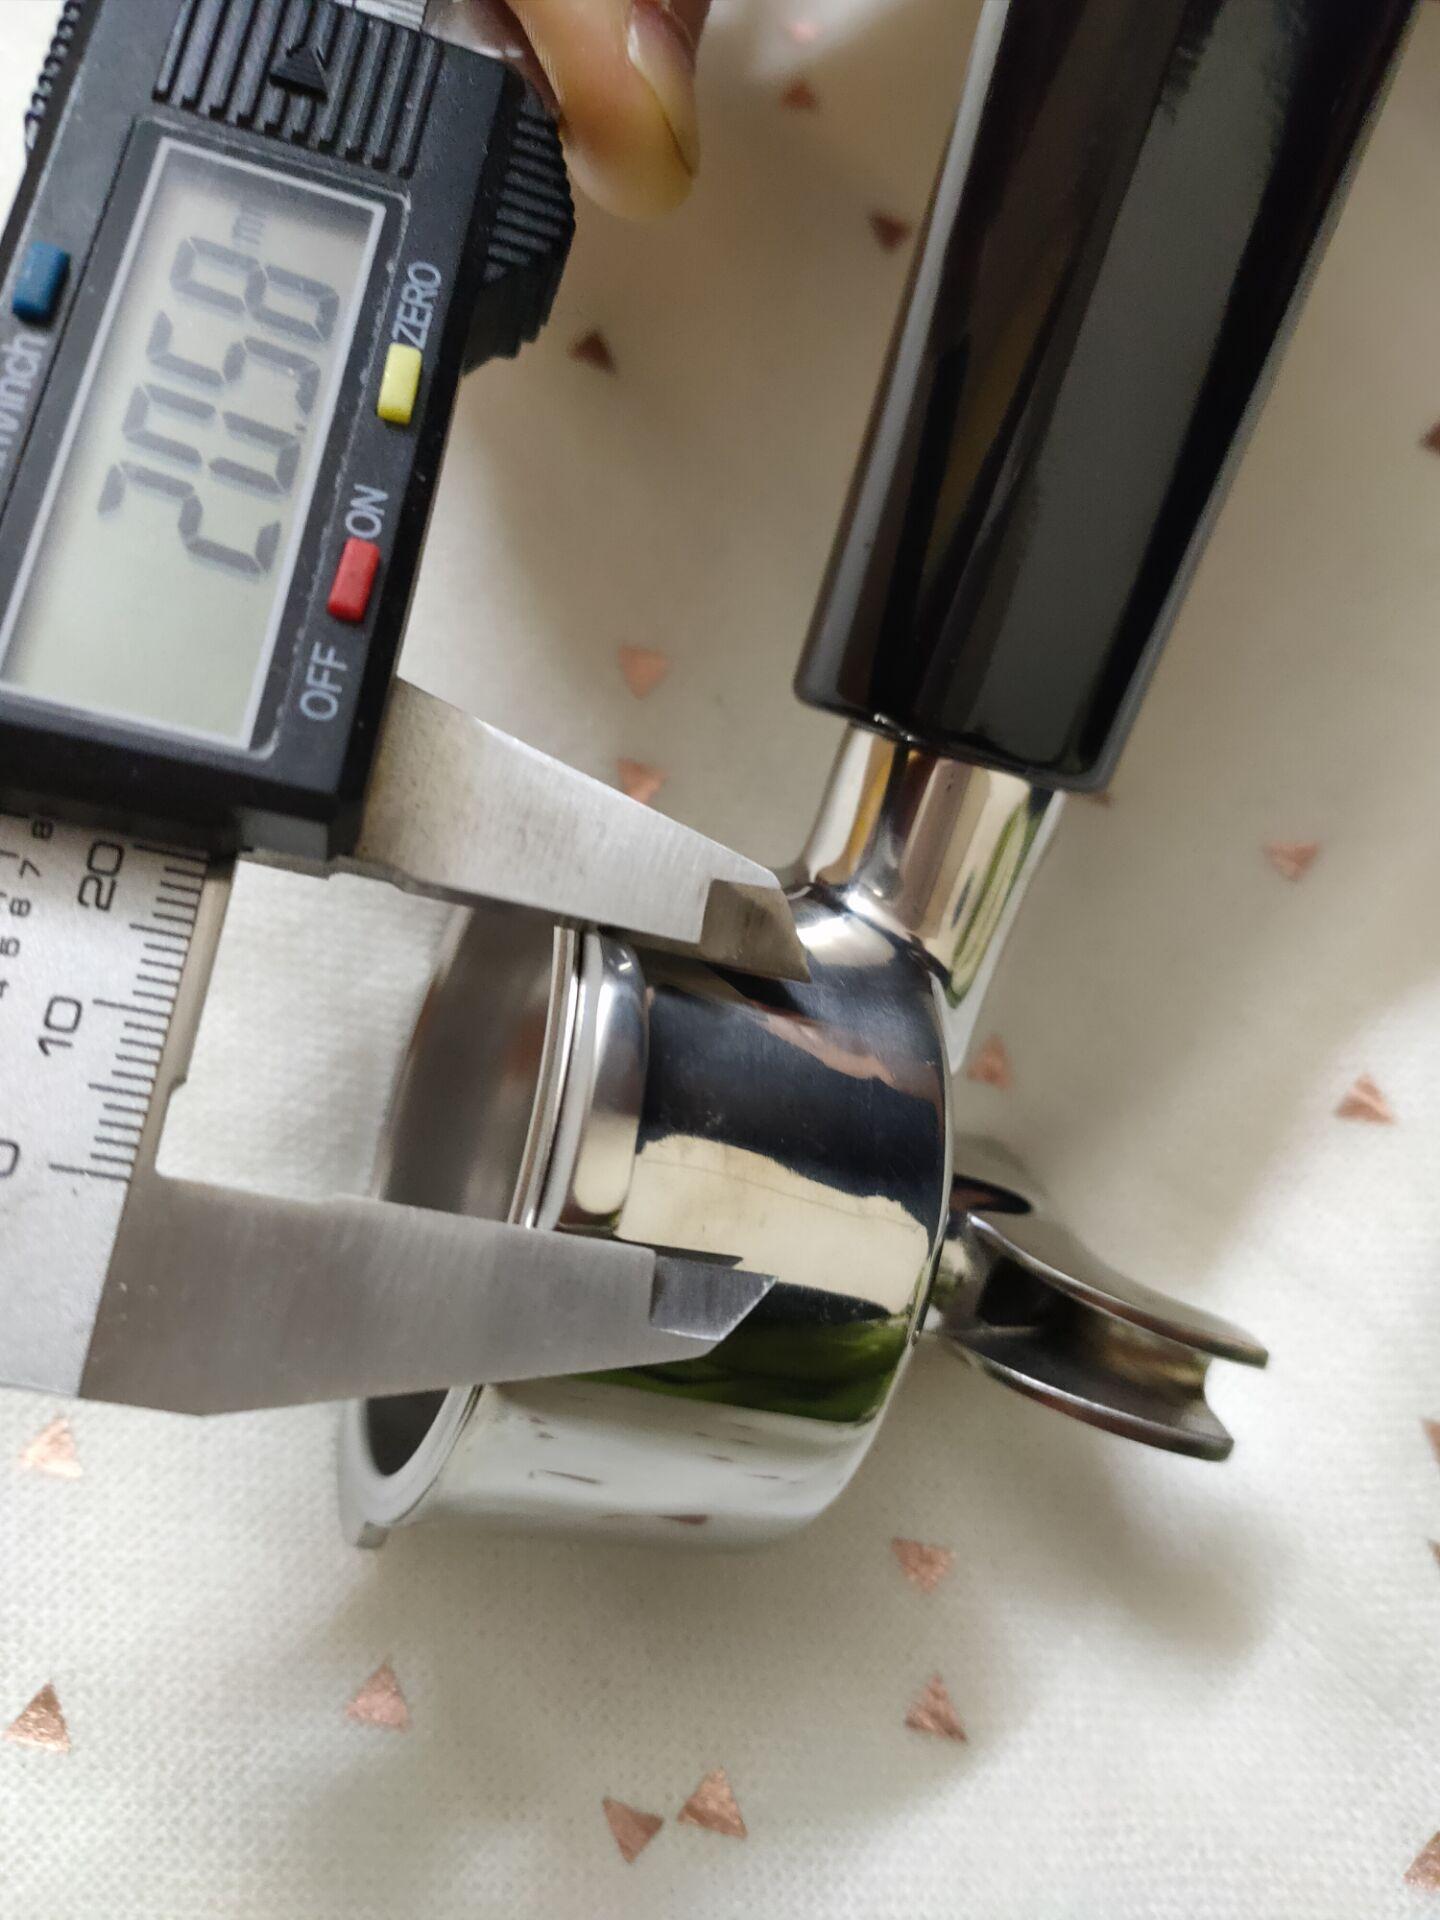 Original SUS304  Filter Handle For Household Coffee Machine KF6001 KF7001 KF8001 KF5002 KF500S CM4621 CM4216 For Vitek VT-1526